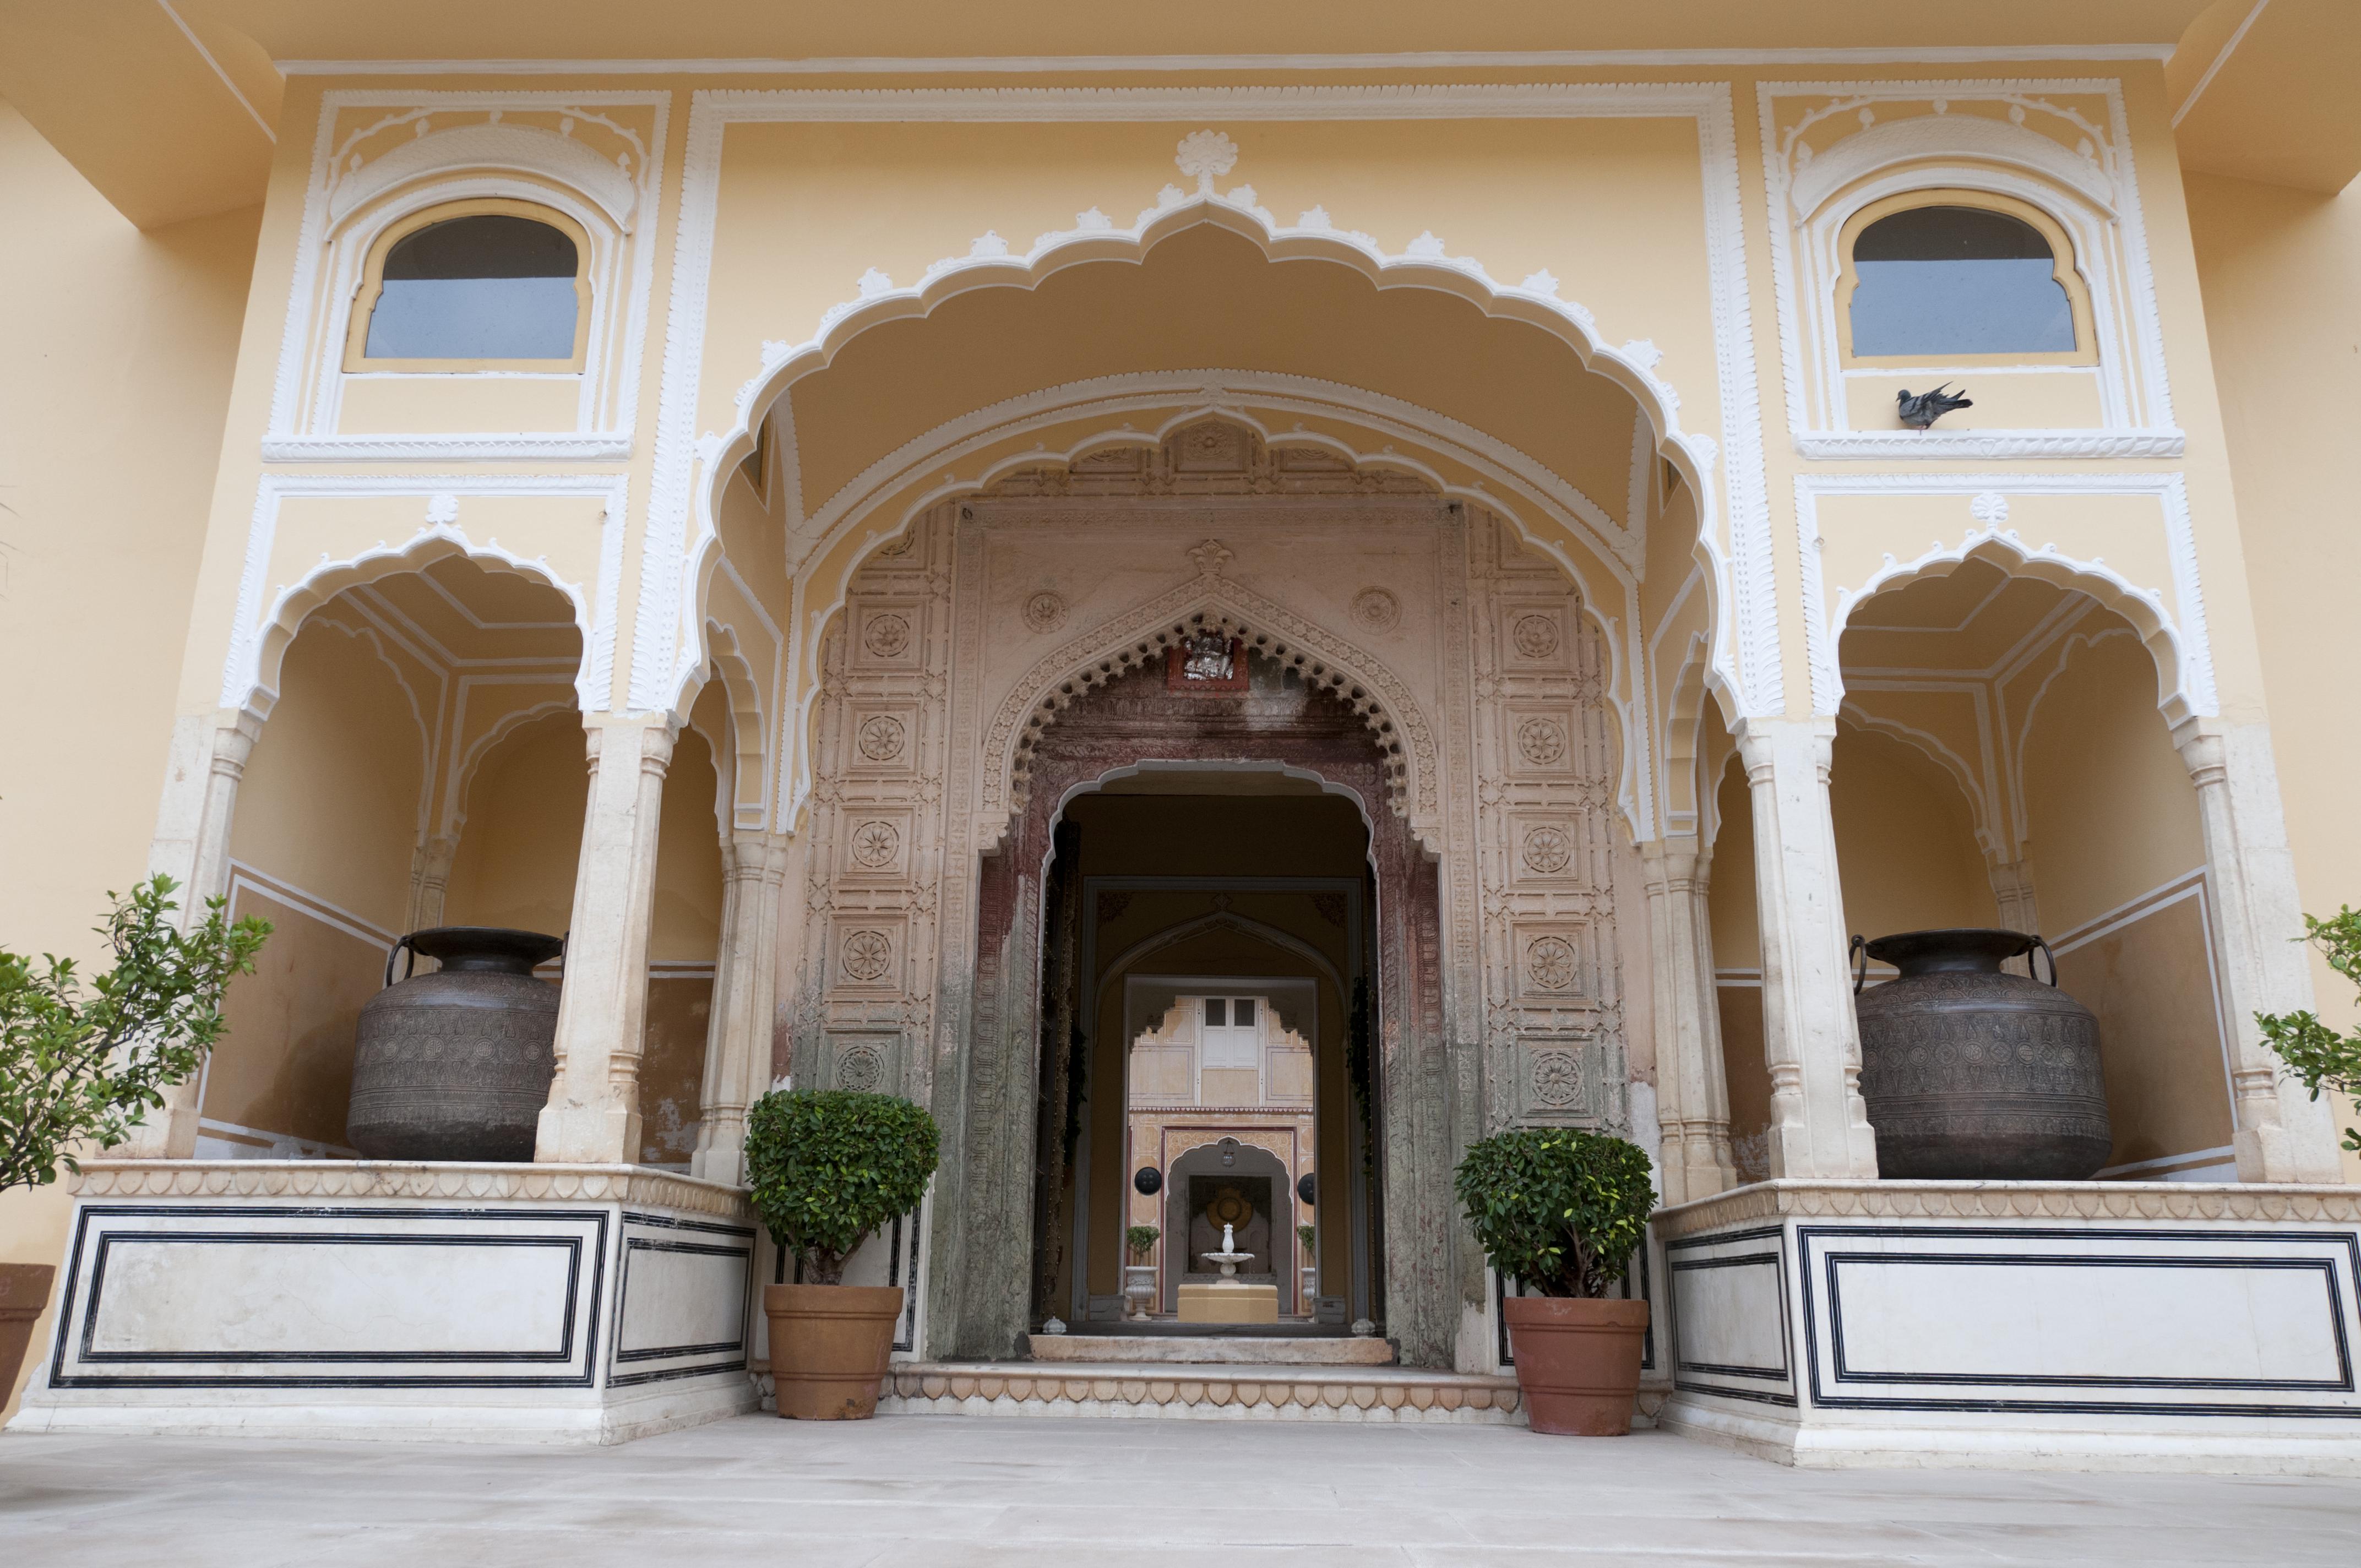 Lujo asiático en el Palacio de Samode - India Gran Viaje Delhi, Jaipur, Agra